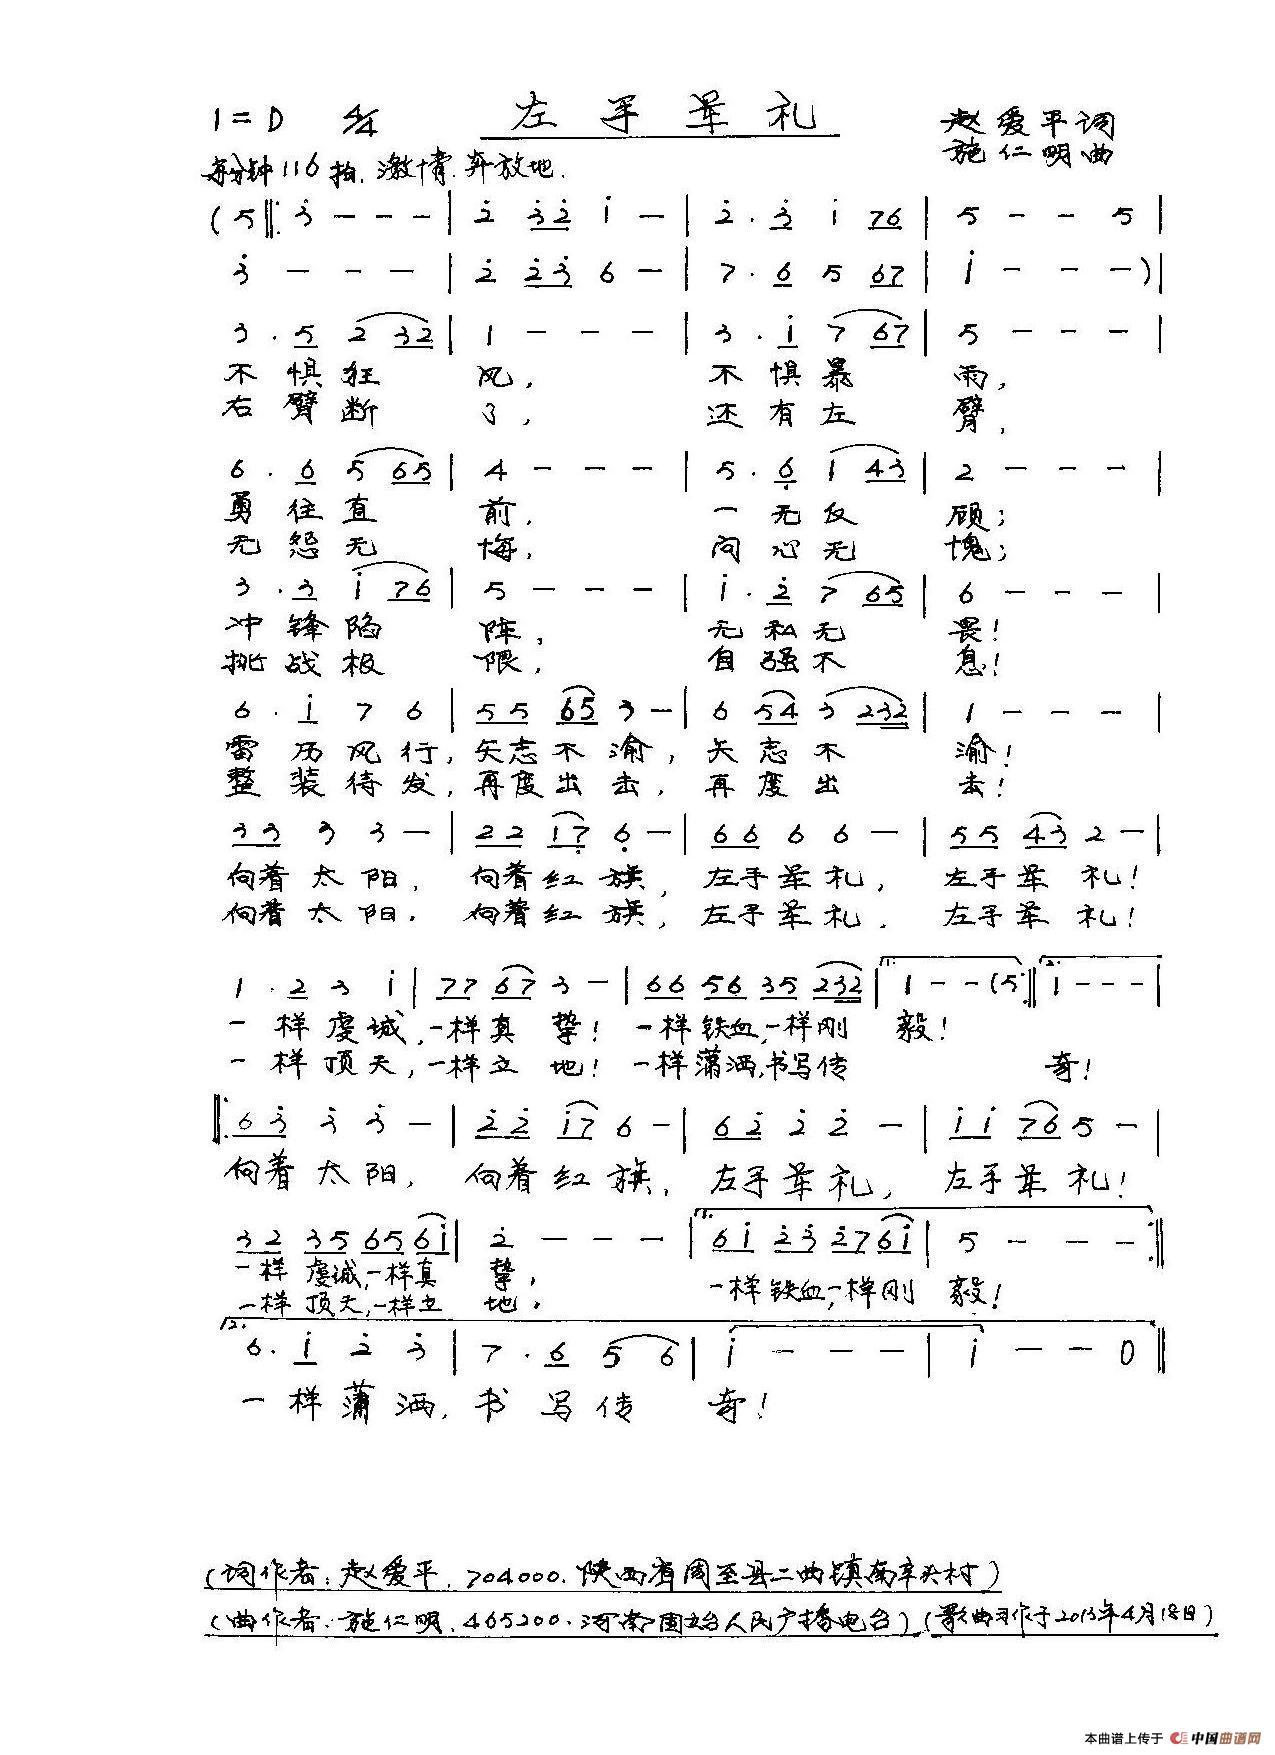 左手军礼简谱 谱友园地 中国曲谱网